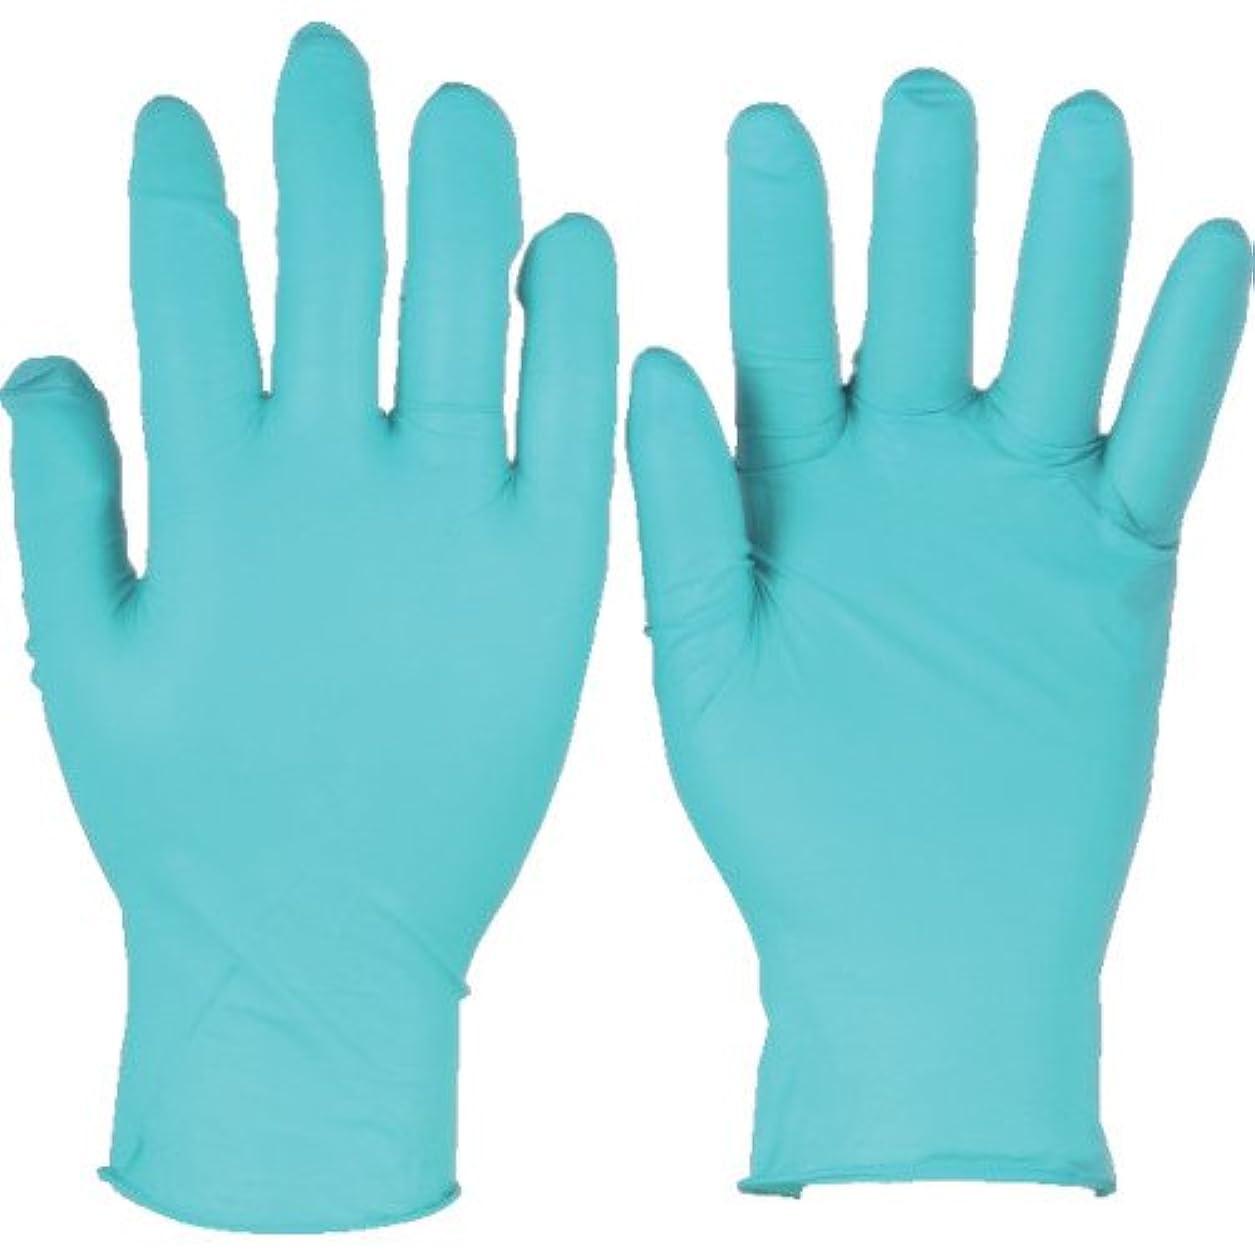 シンボル無意味道路を作るプロセスアンセル ニトリルゴム使い捨て手袋 タッチエヌタフ 粉付 Mサイズ 100枚入 92500-8